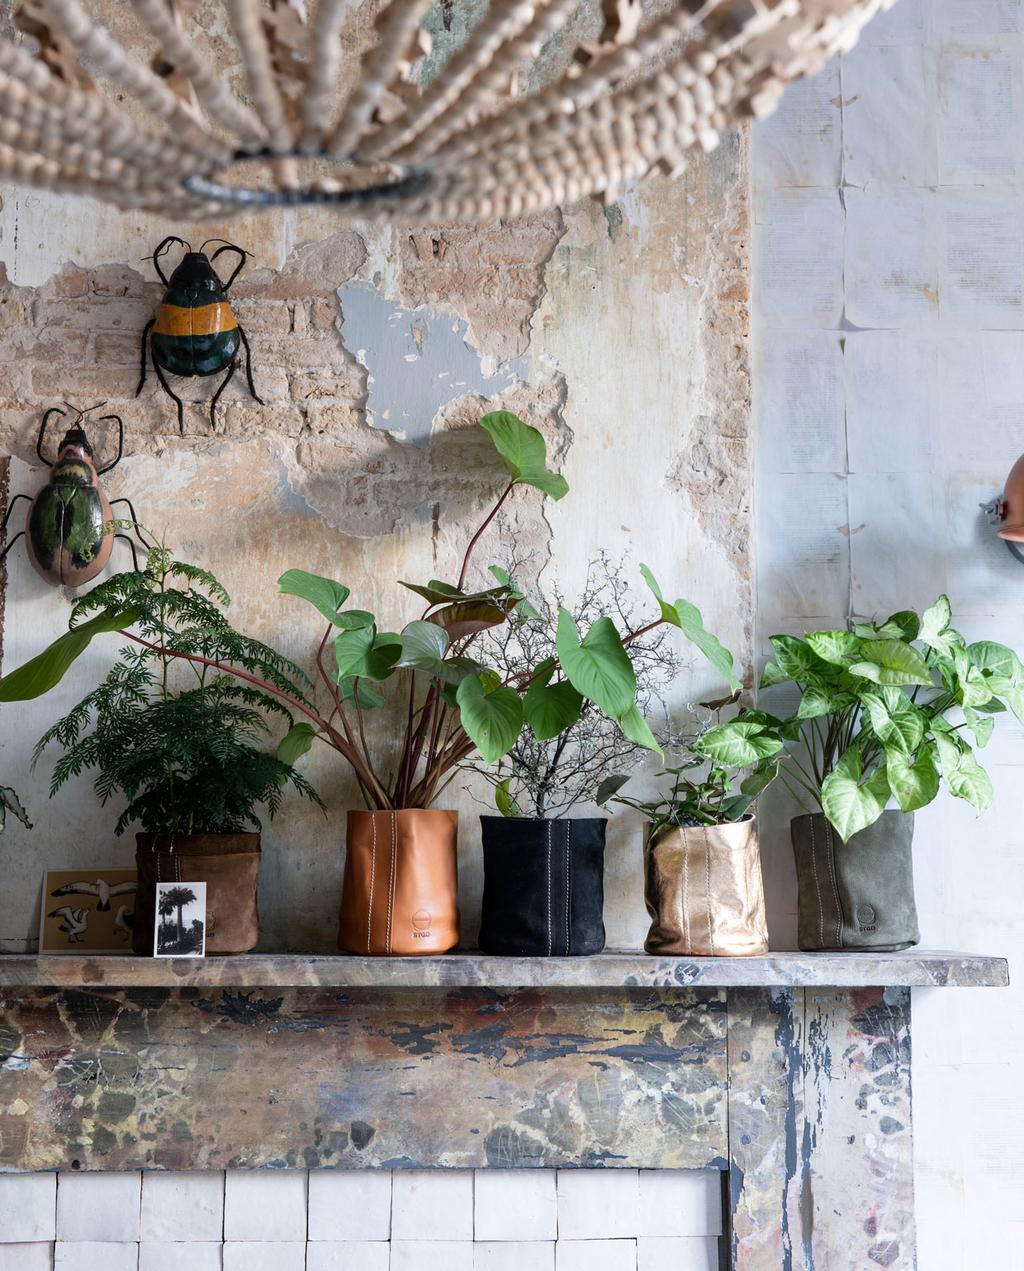 vtwonen 11-2019 | binnenkijker s'Gravenmoer schouw planten